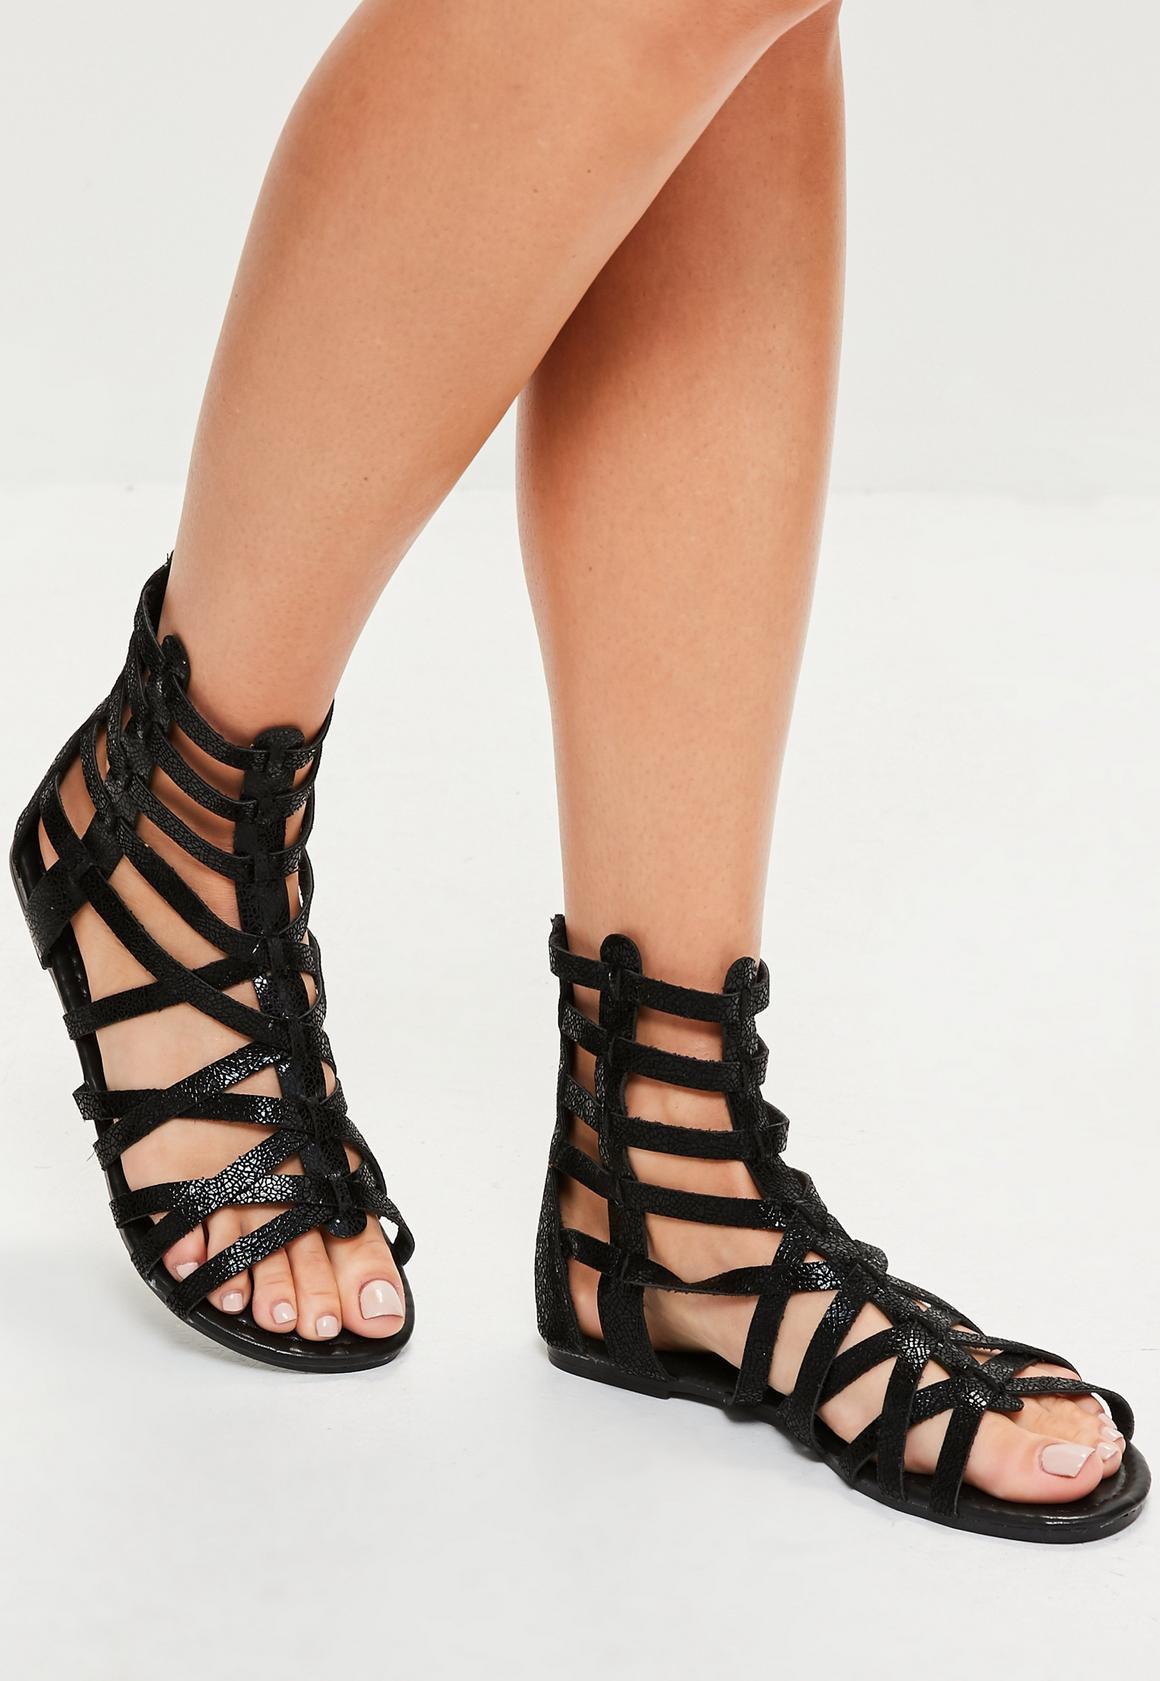 Black sandals missguided - Black Gladiator Ankle Flat Sandals Black Gladiator Ankle Flat Sandals